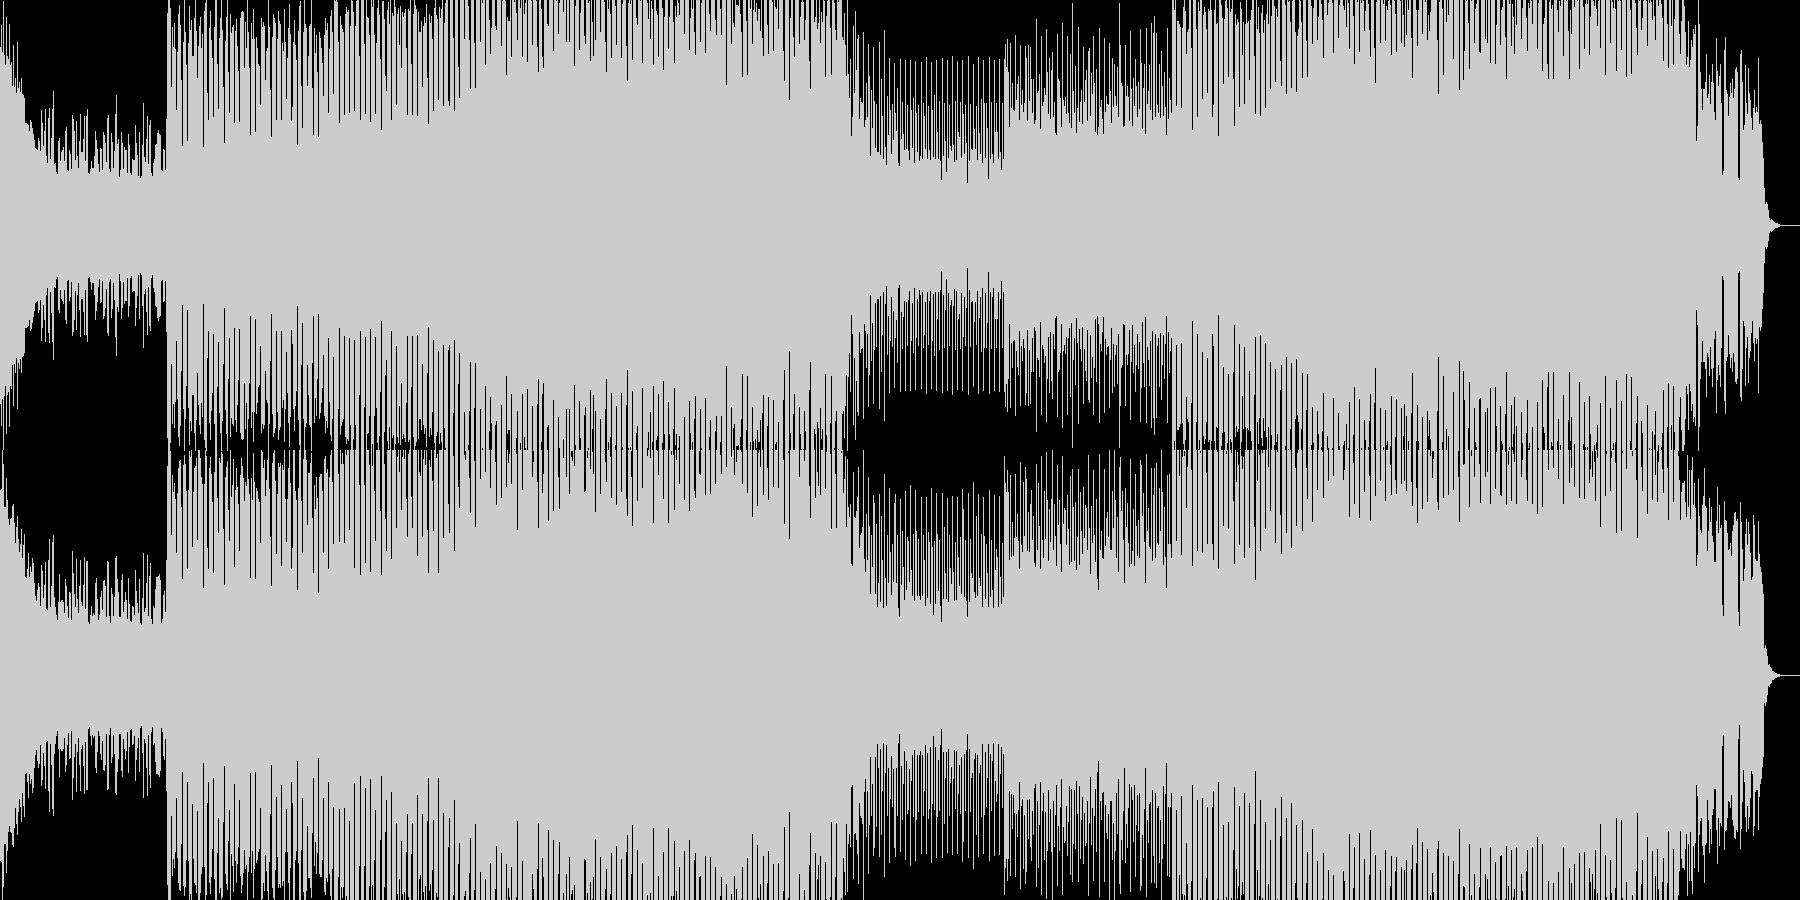 EDMクラブ系ダンスミュージック-91の未再生の波形